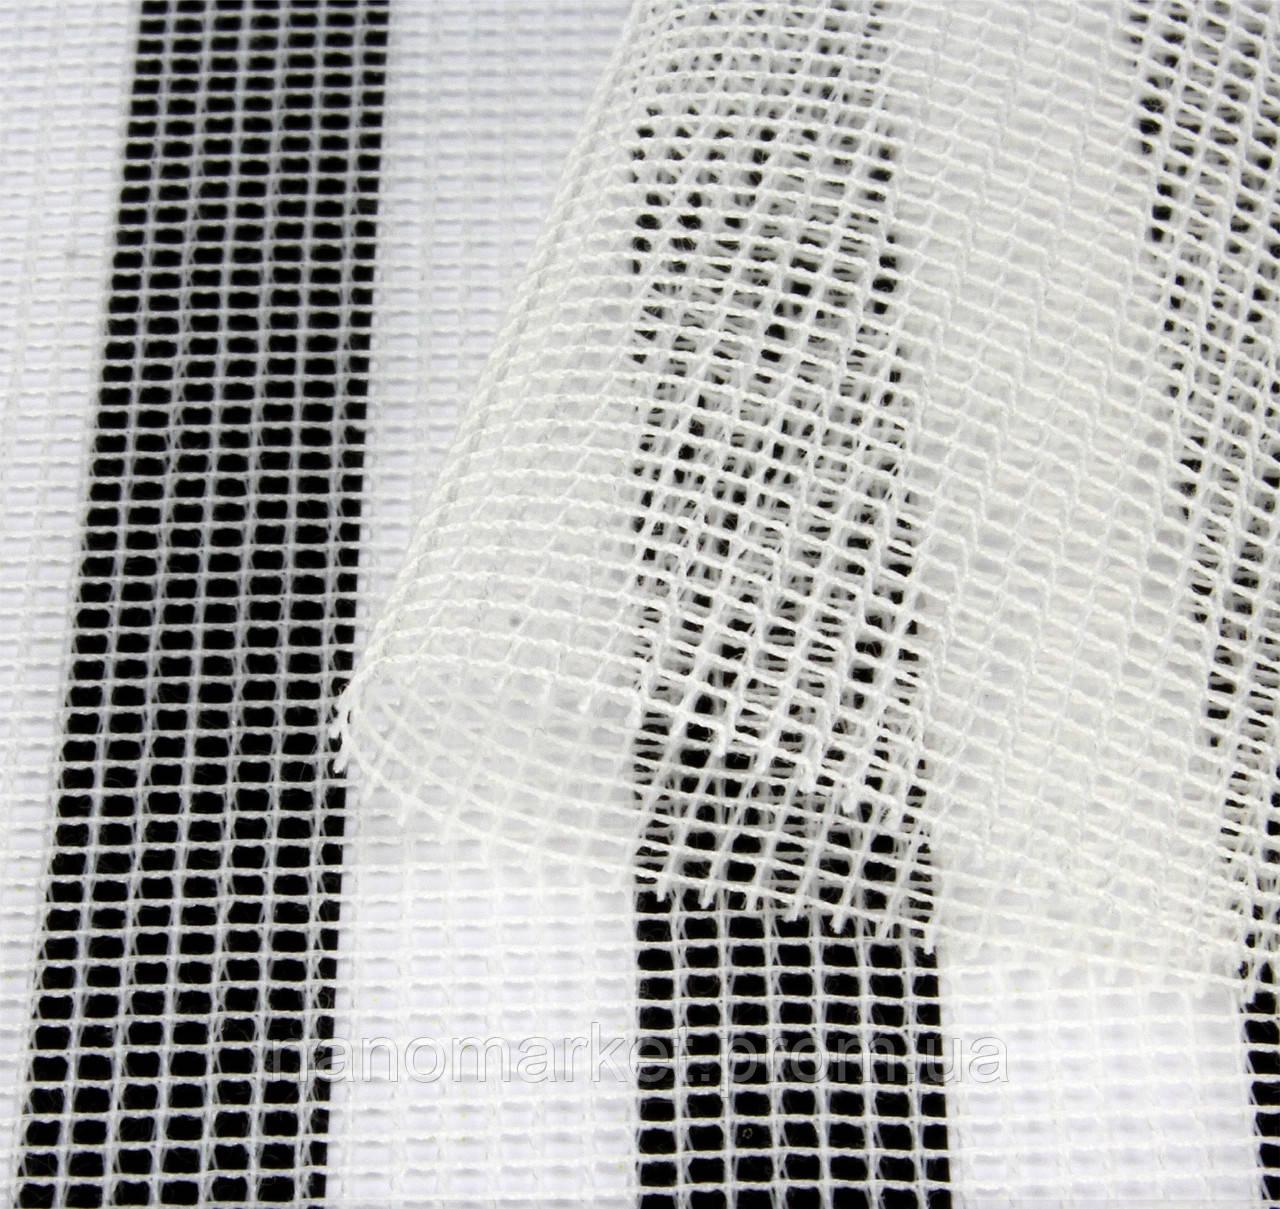 Екрануюча тканина New-Daylite   ВЧ   25 dB   Розміри 2.6х1 м